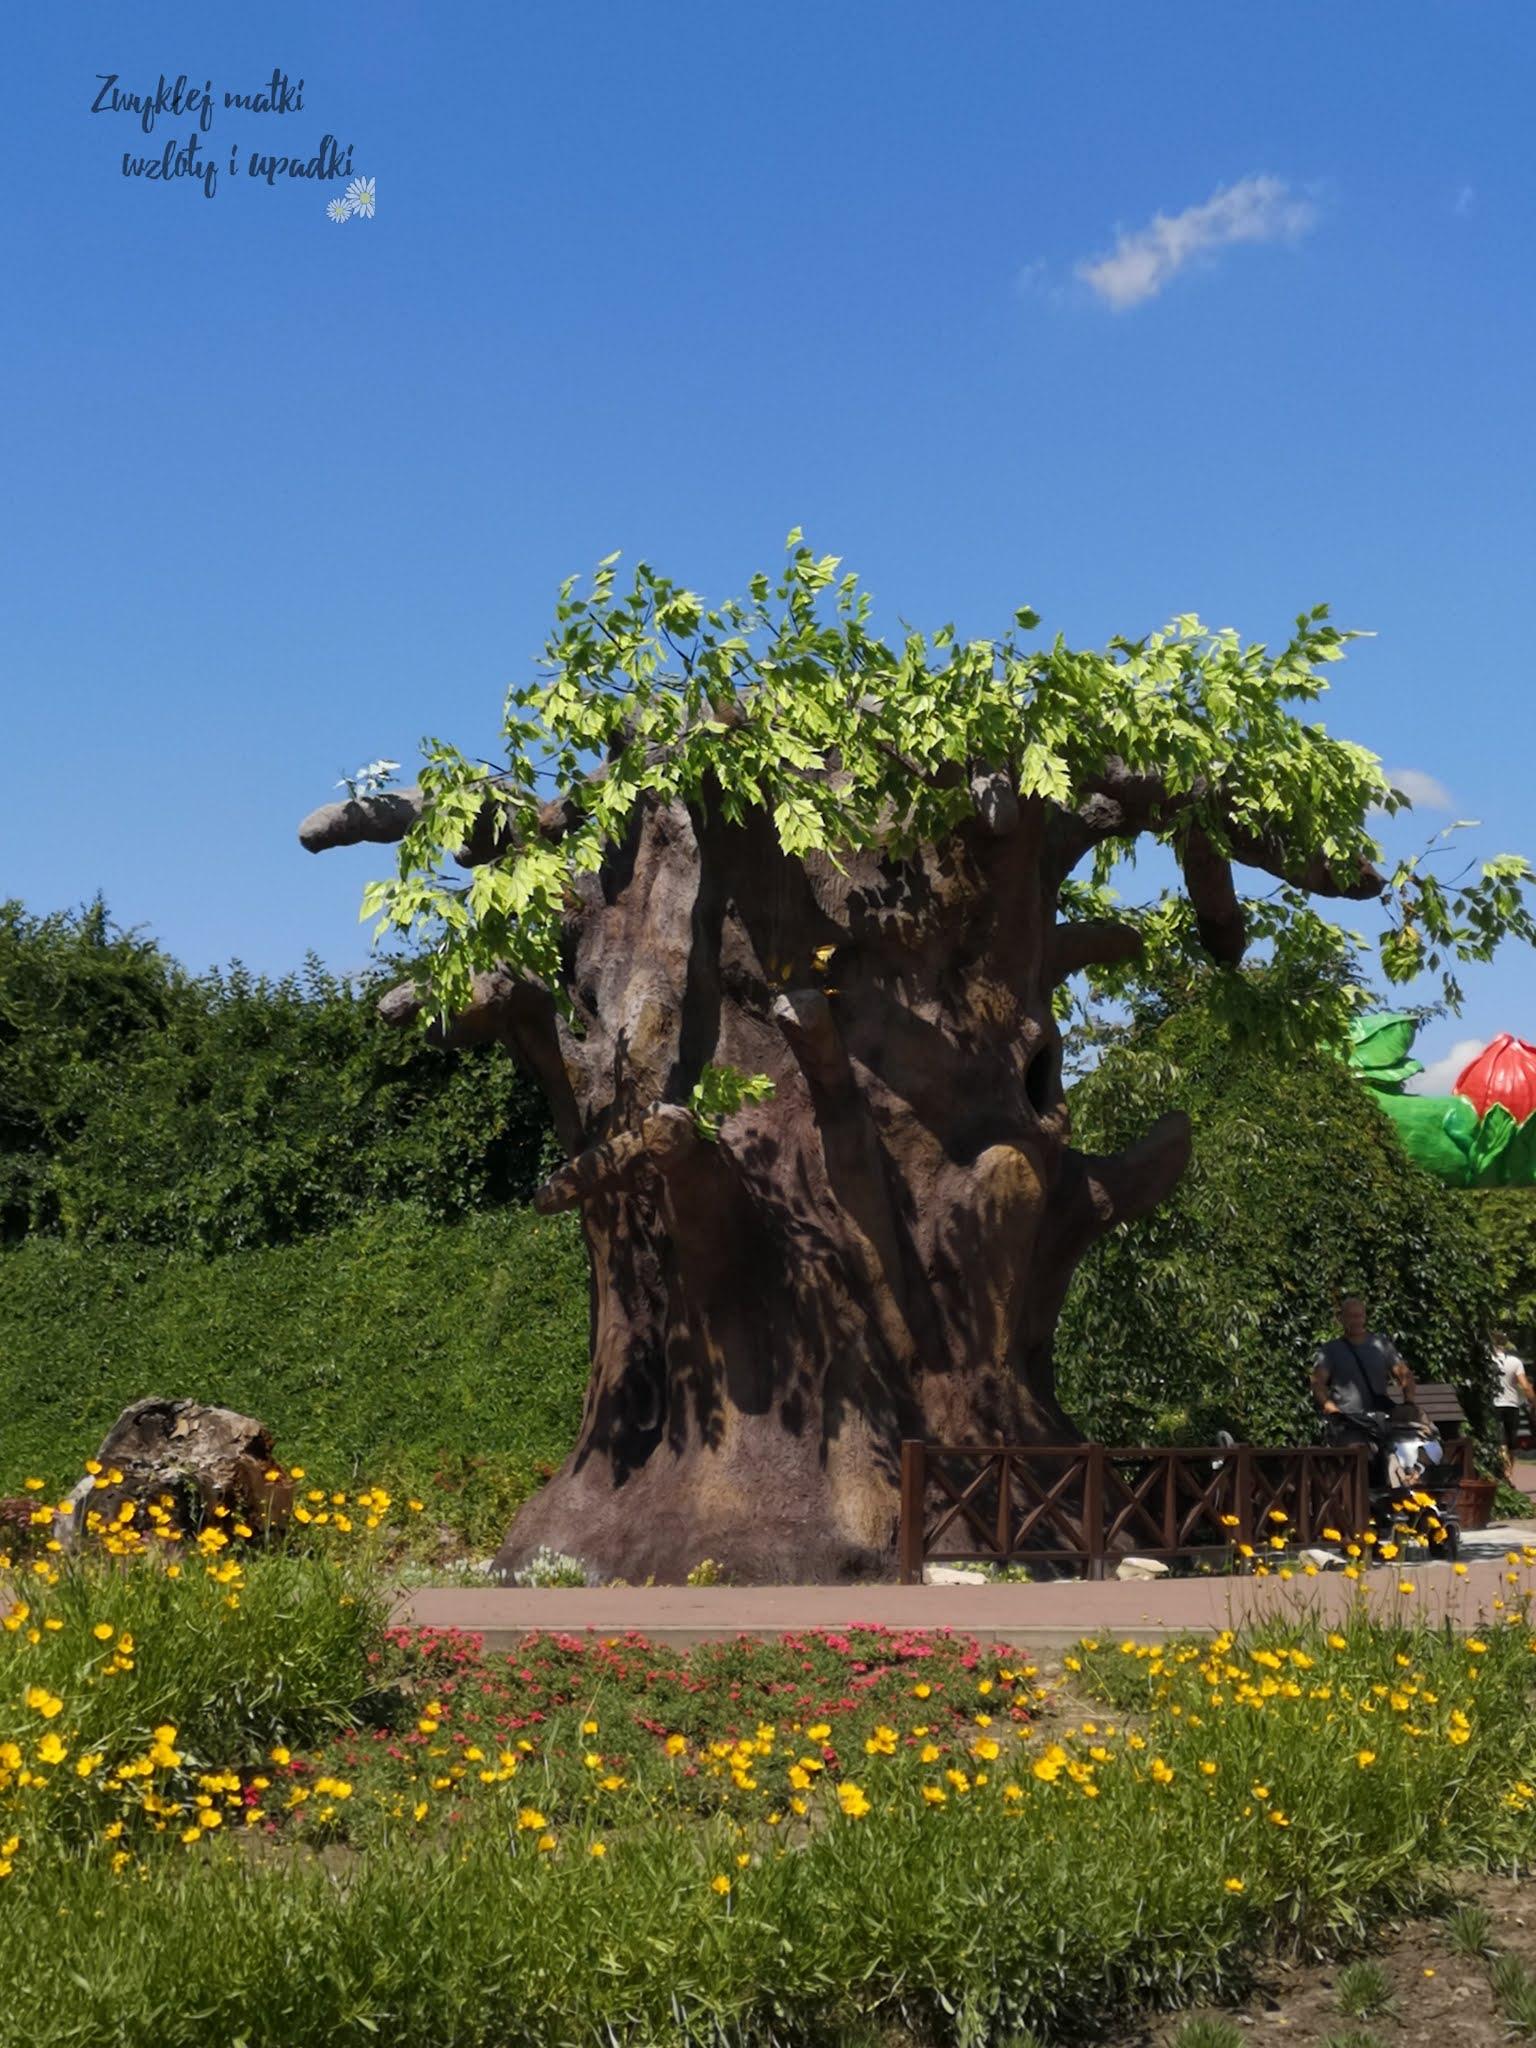 Magiczne ogrody - dla kogo? Czy dwunastolatka nie będzie się tam nudzić